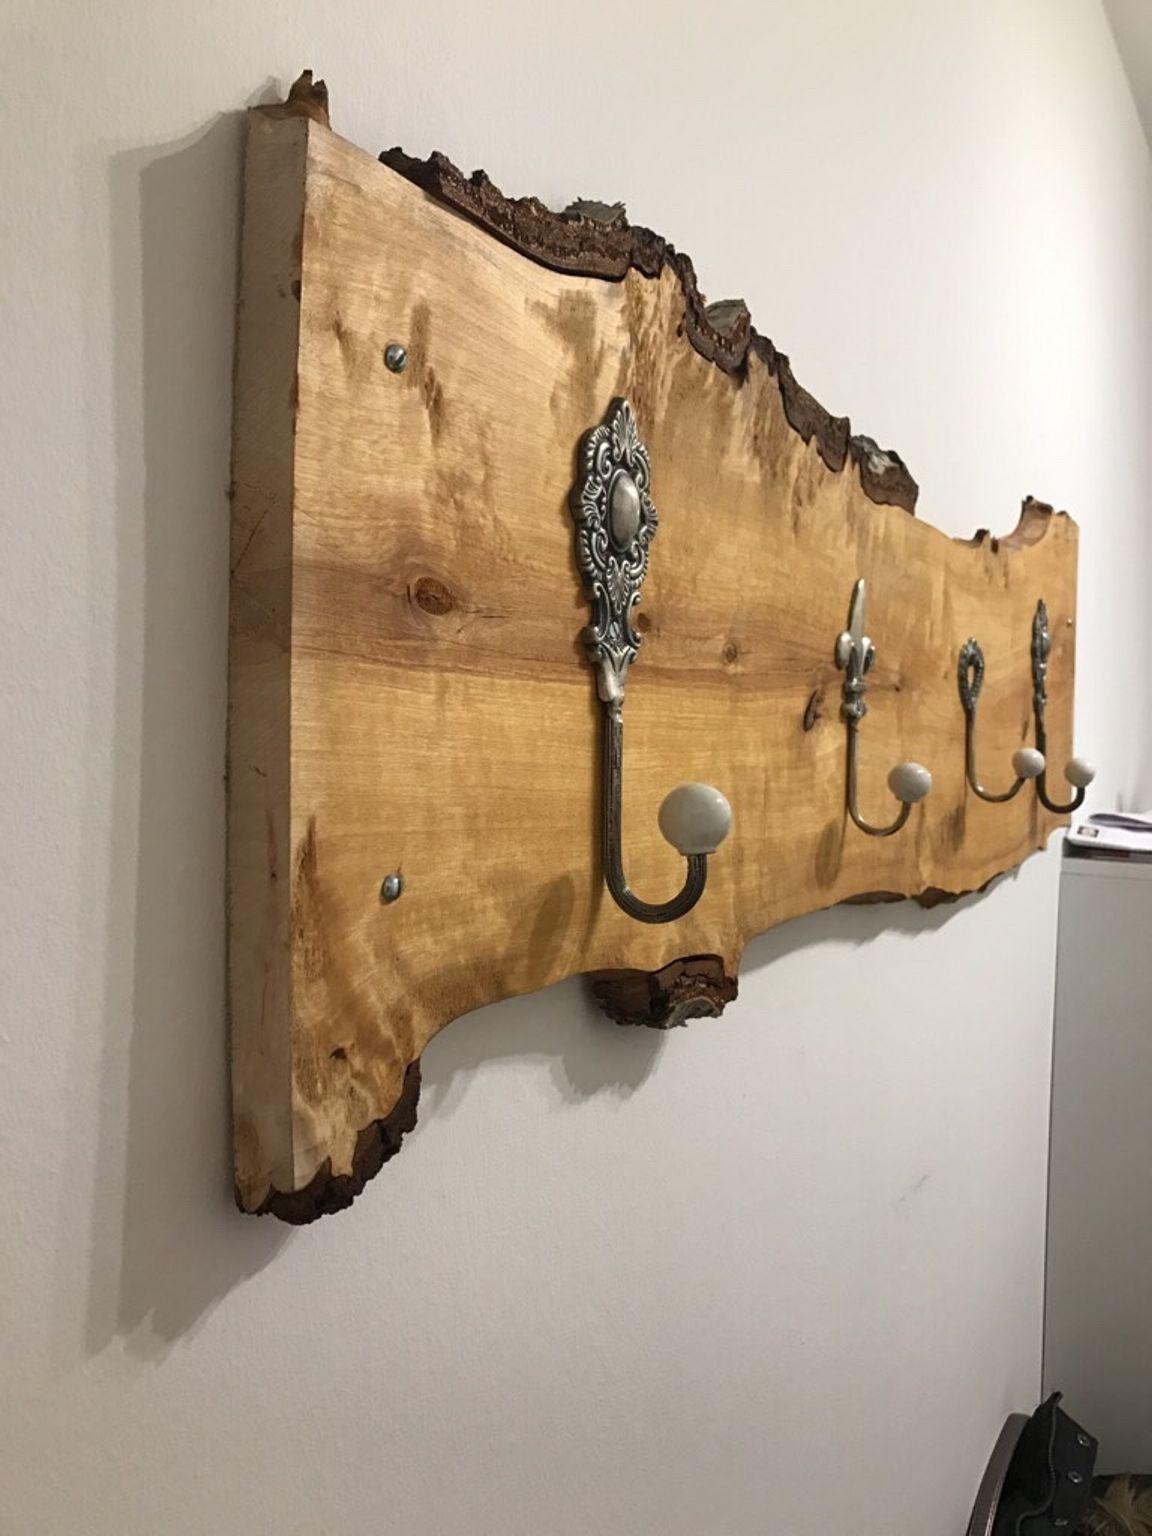 Holzgarderobe - ein echter Hingucker